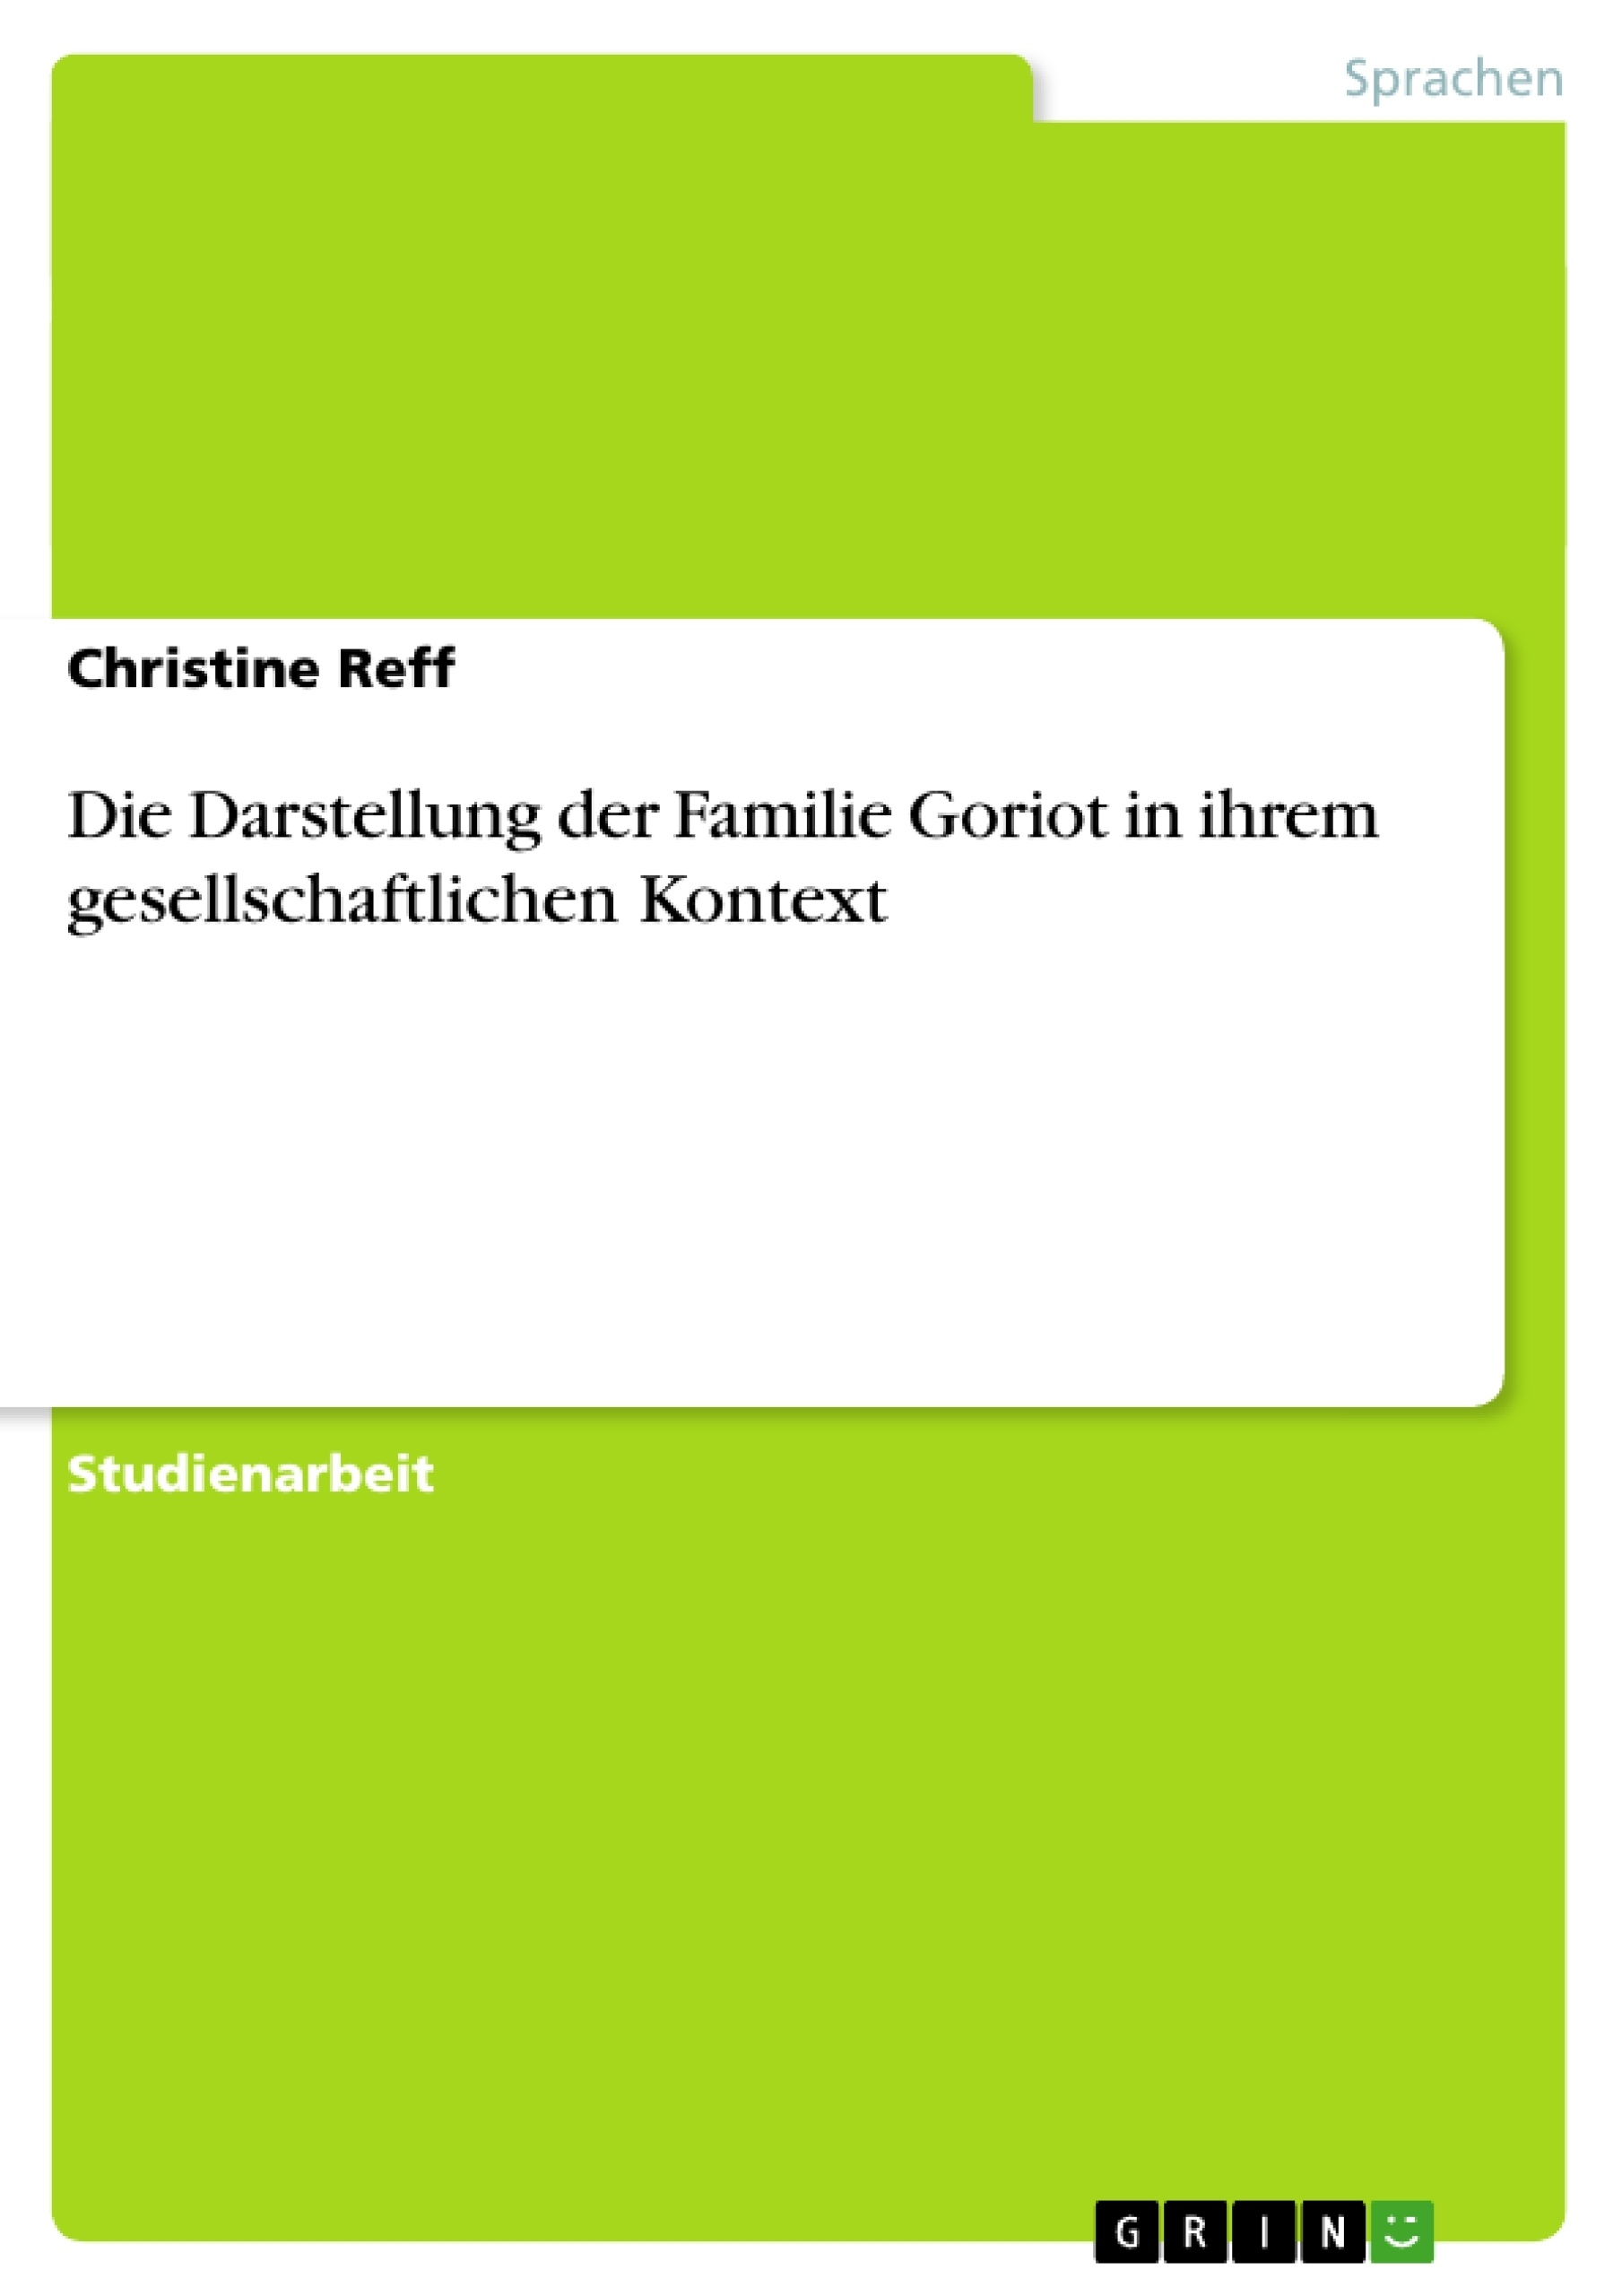 Titel: Die Darstellung der Familie Goriot in ihrem gesellschaftlichen Kontext